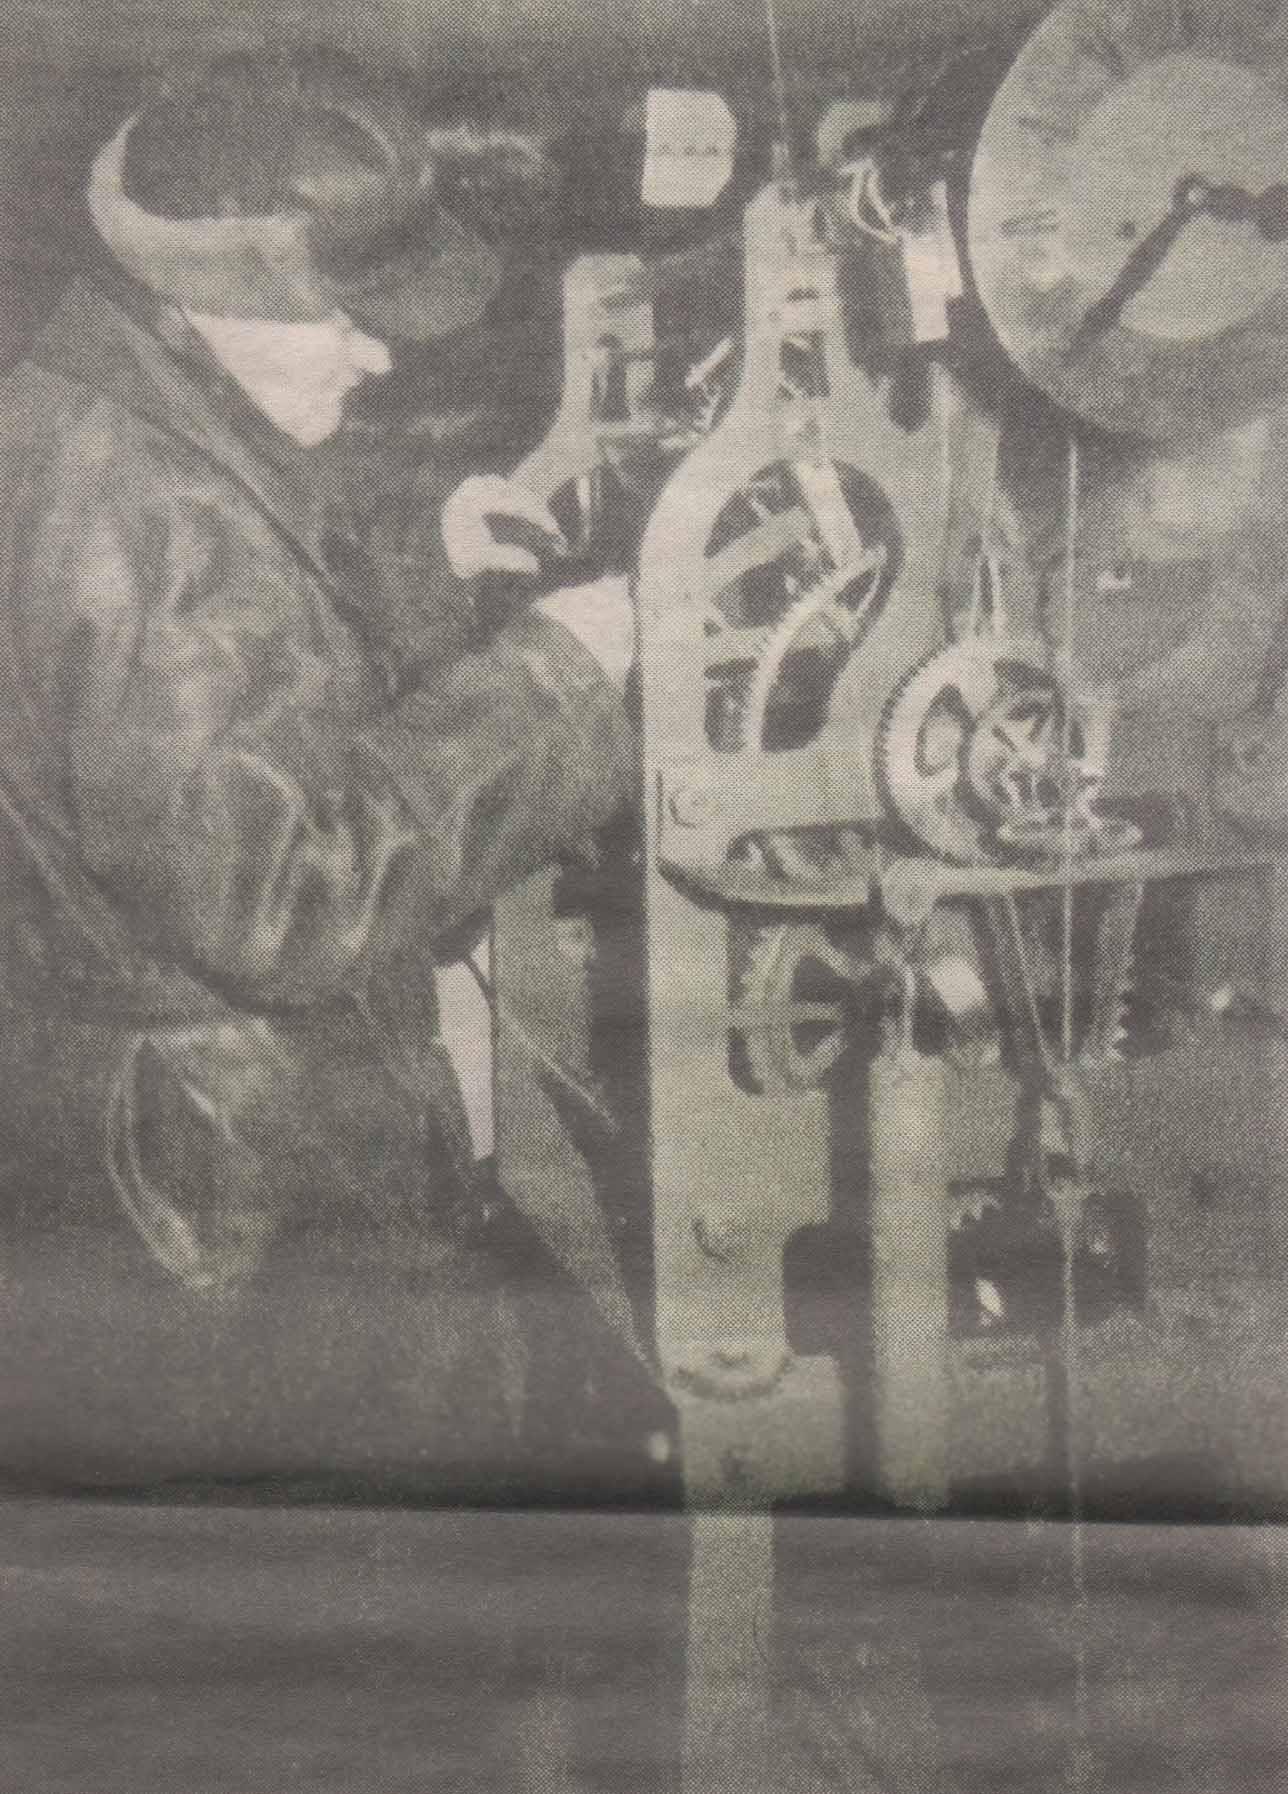 """Пуск механизма ратушных часов. Фото из журнала """"Pilt ja Sõna"""", 1957 год."""